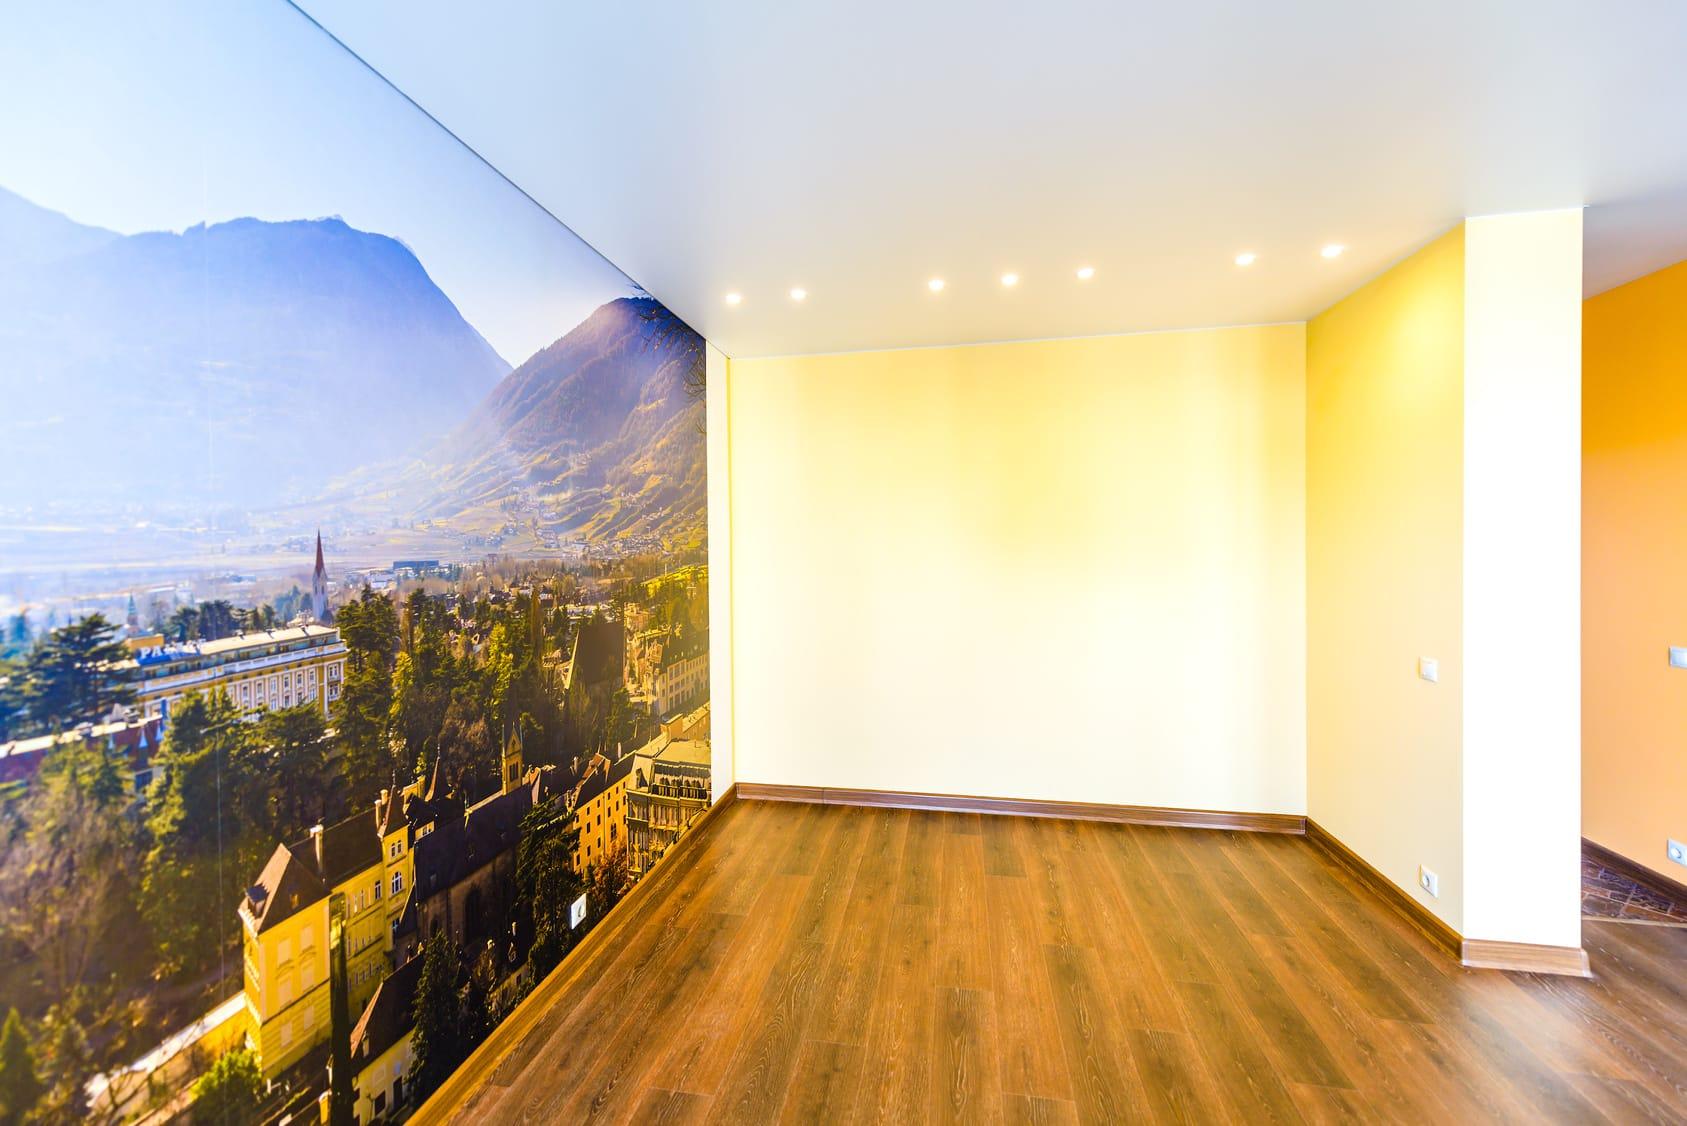 Wohnwand verschönern – Mit diesen Tipps die alte Anbauwand aufpeppen